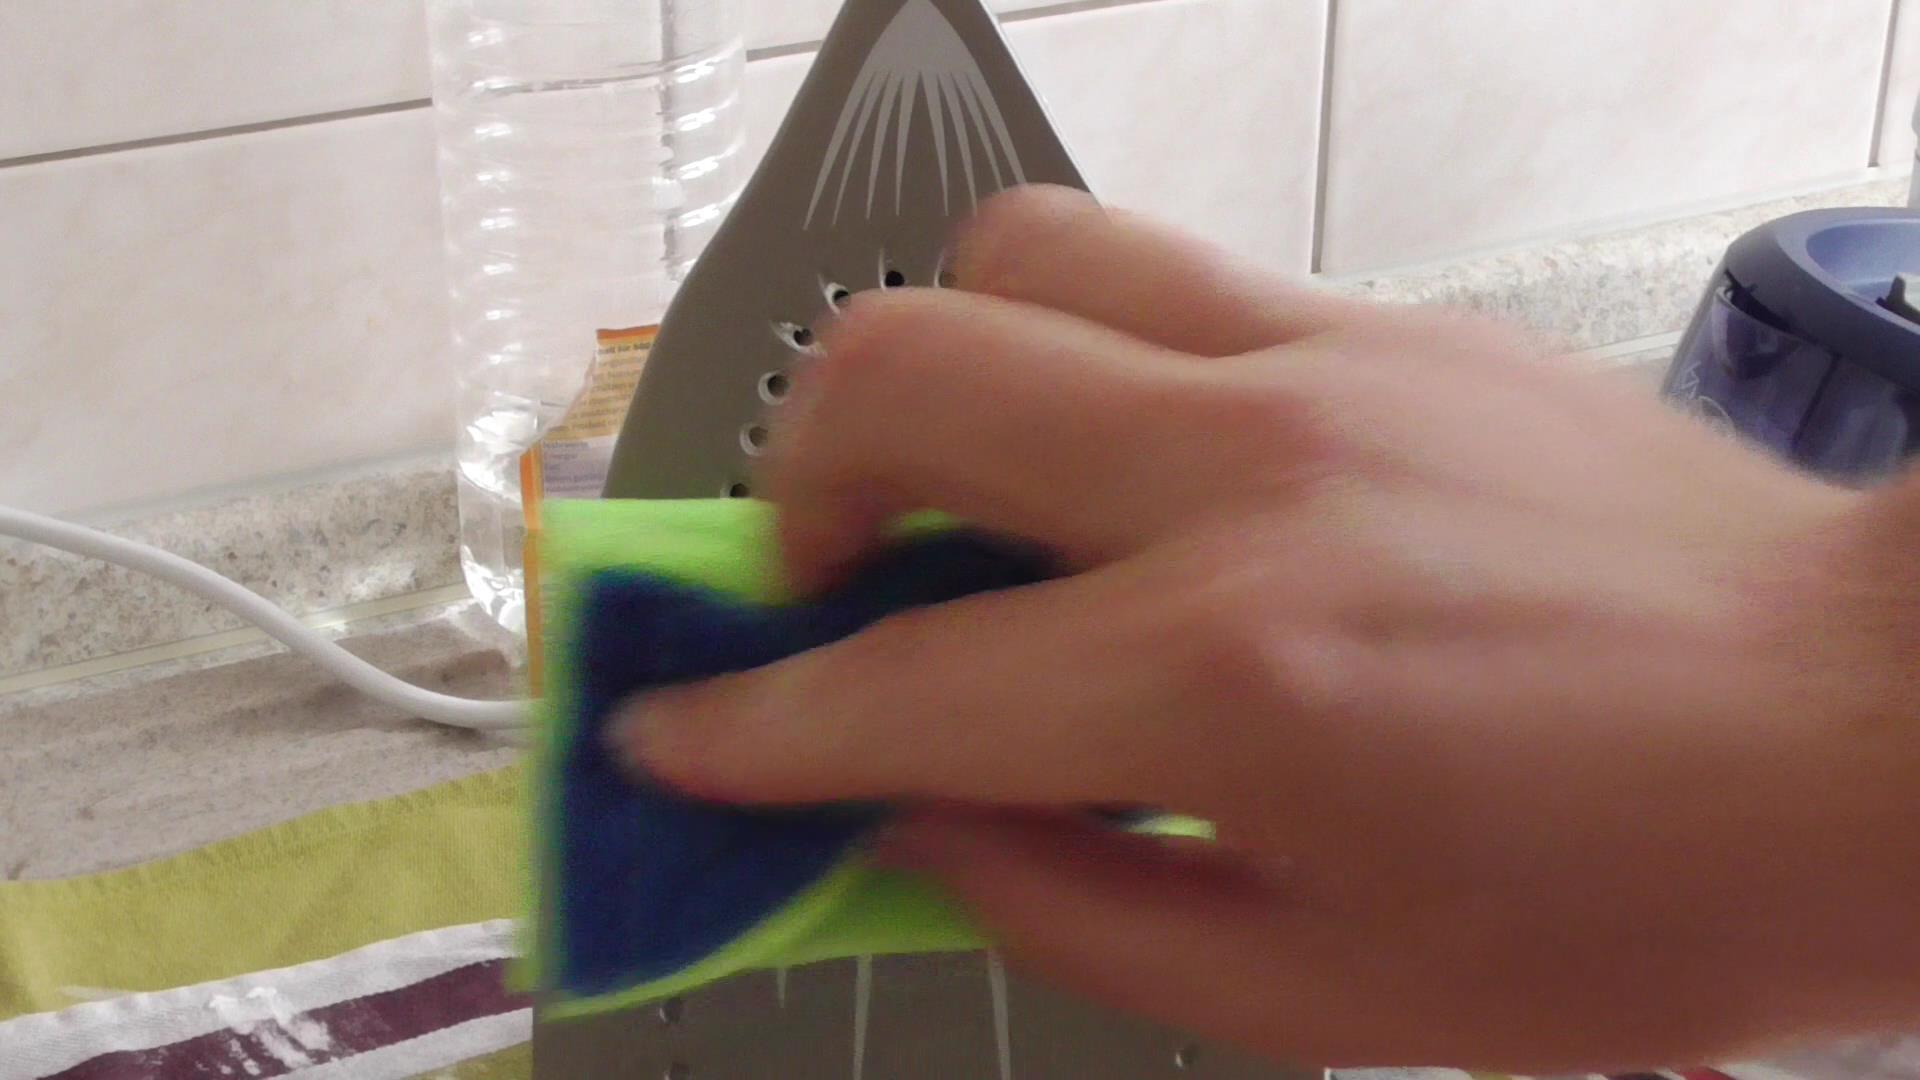 Abwischen der Bügelsohle mit einem Schwamm